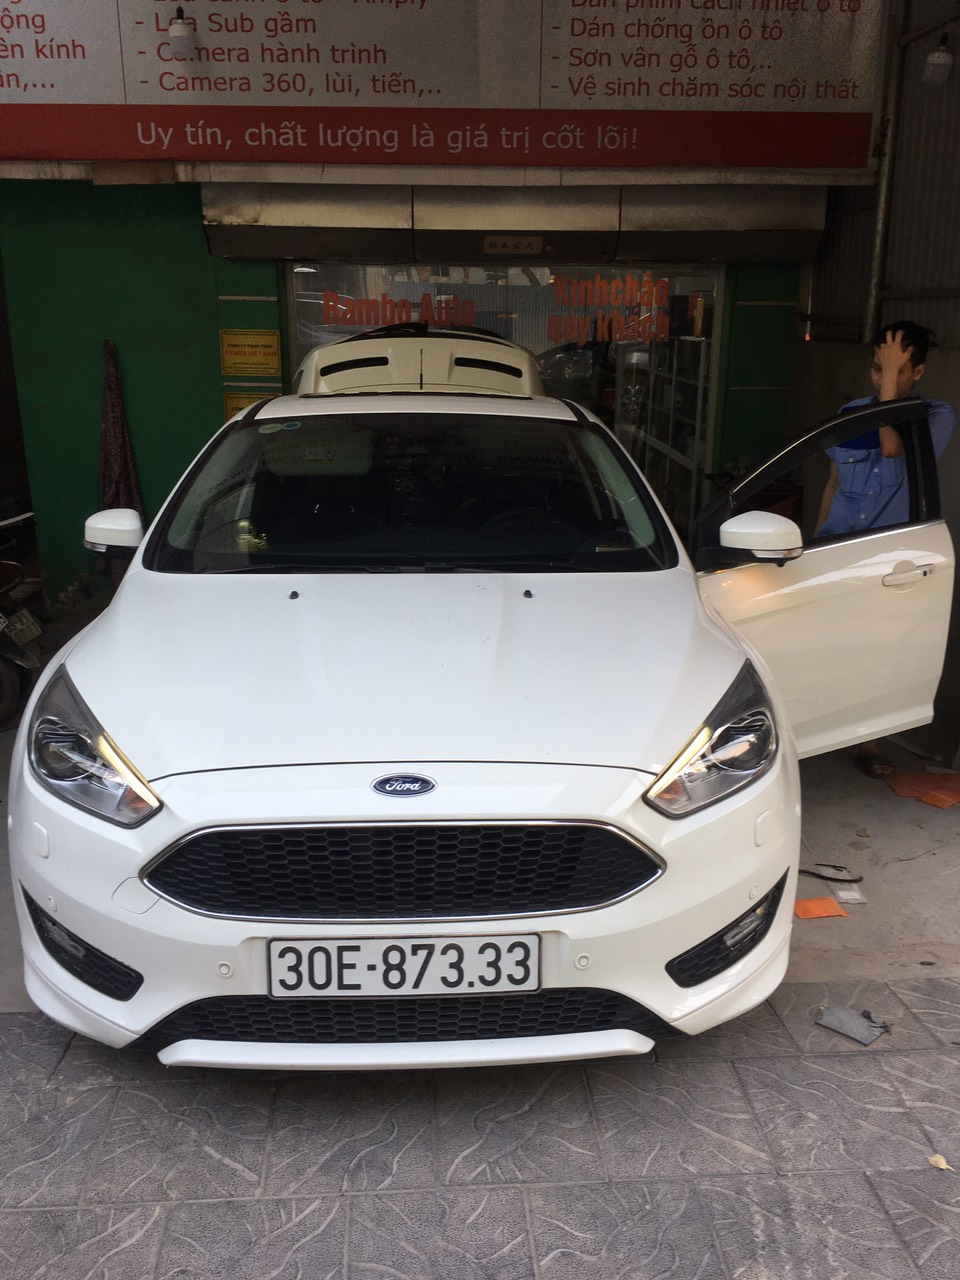 Hướng Dẫn Đá Chân Mở Cốp & Test Cốp Điện Ford Focus Tại Rambo Auto